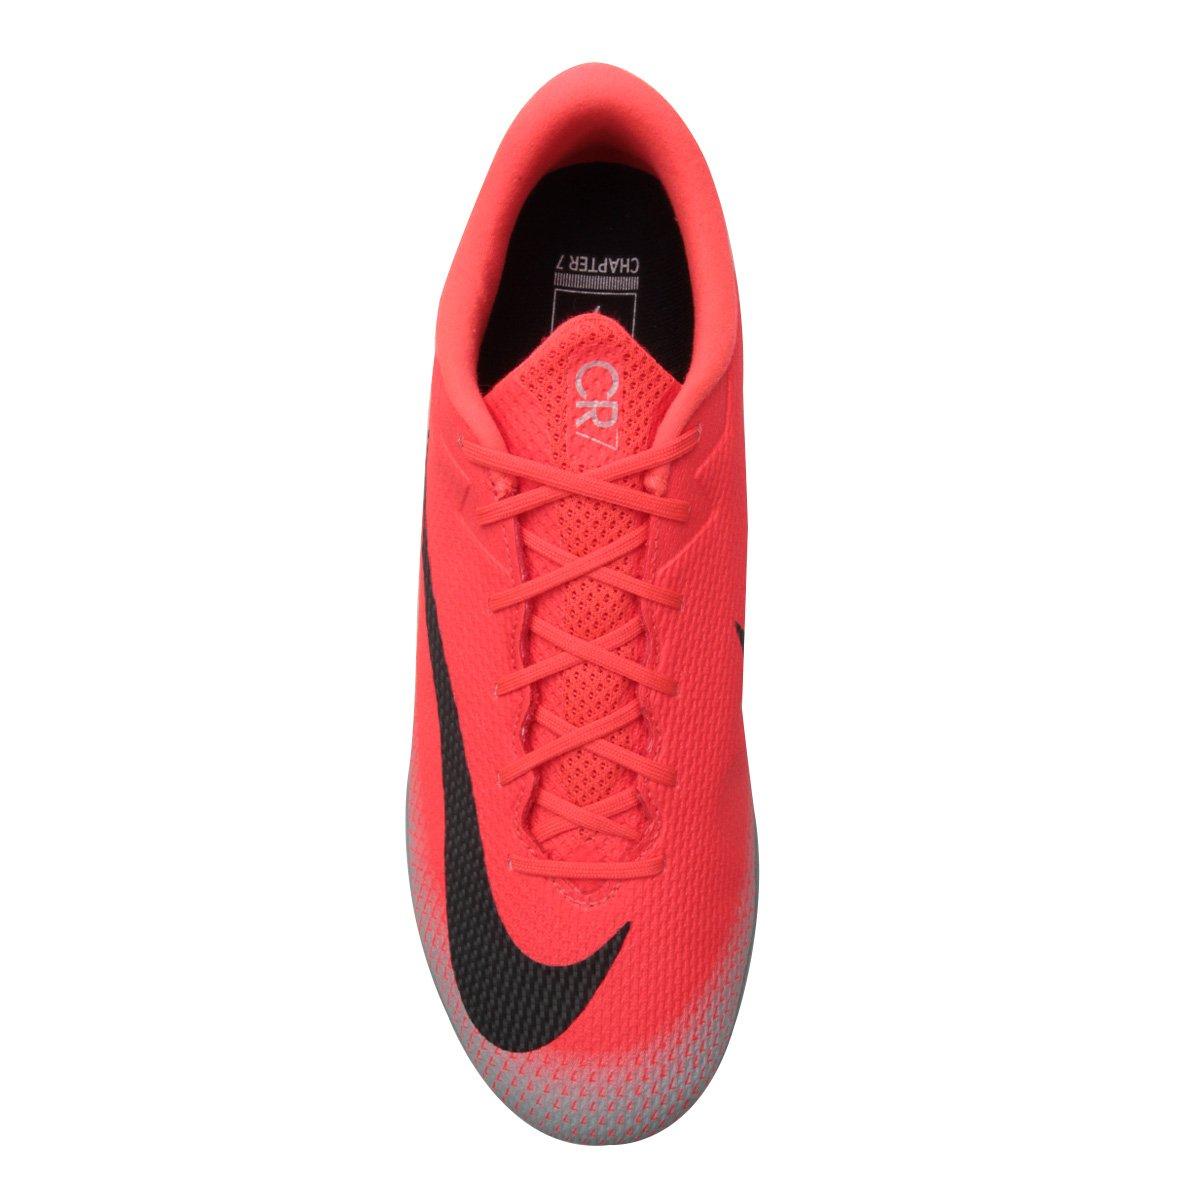 Chuteira Society Nike Mercurial Vapor 12 Academy CR7 TF - Compre ... 0c13a3c462811